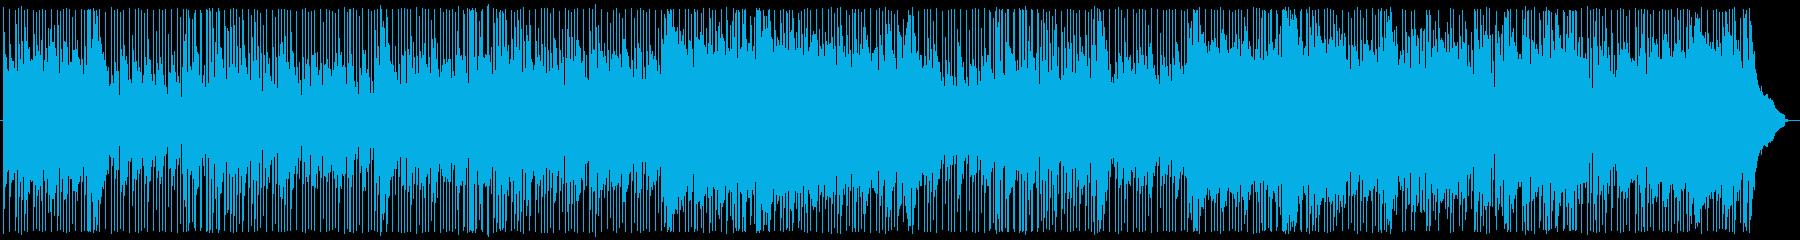 ムーンマンシンセ&グルーヴの再生済みの波形